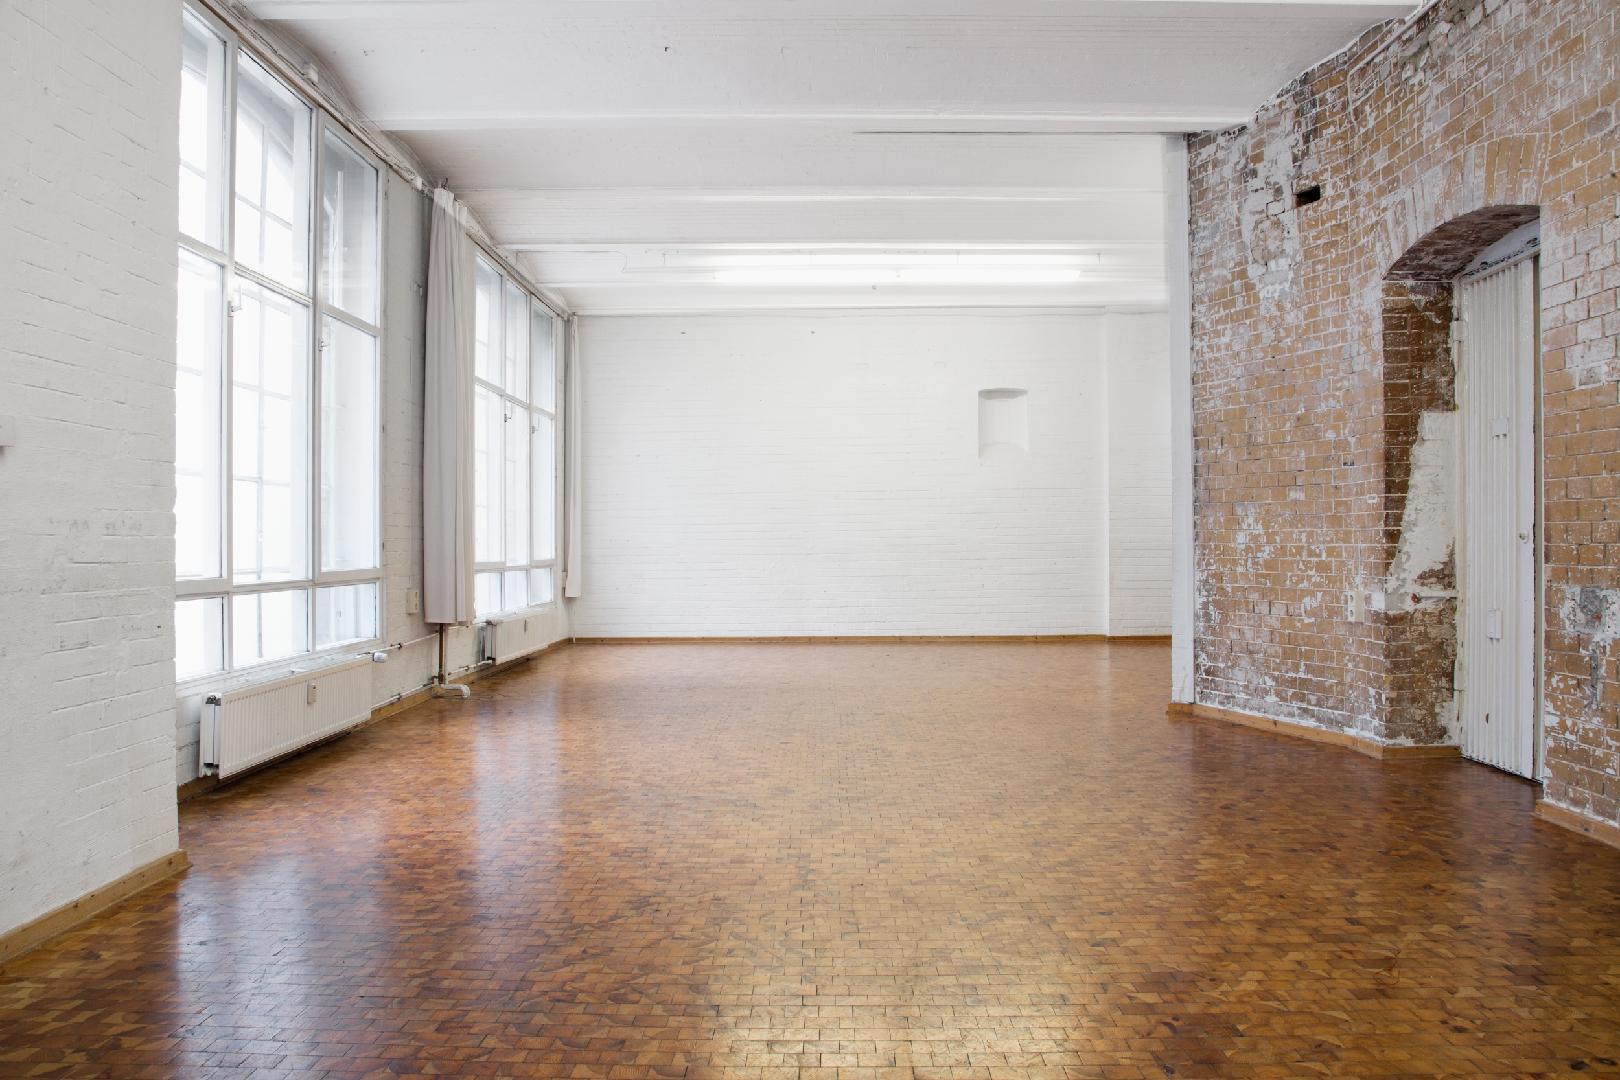 Bild 1 von Loft in der KunstKooperative